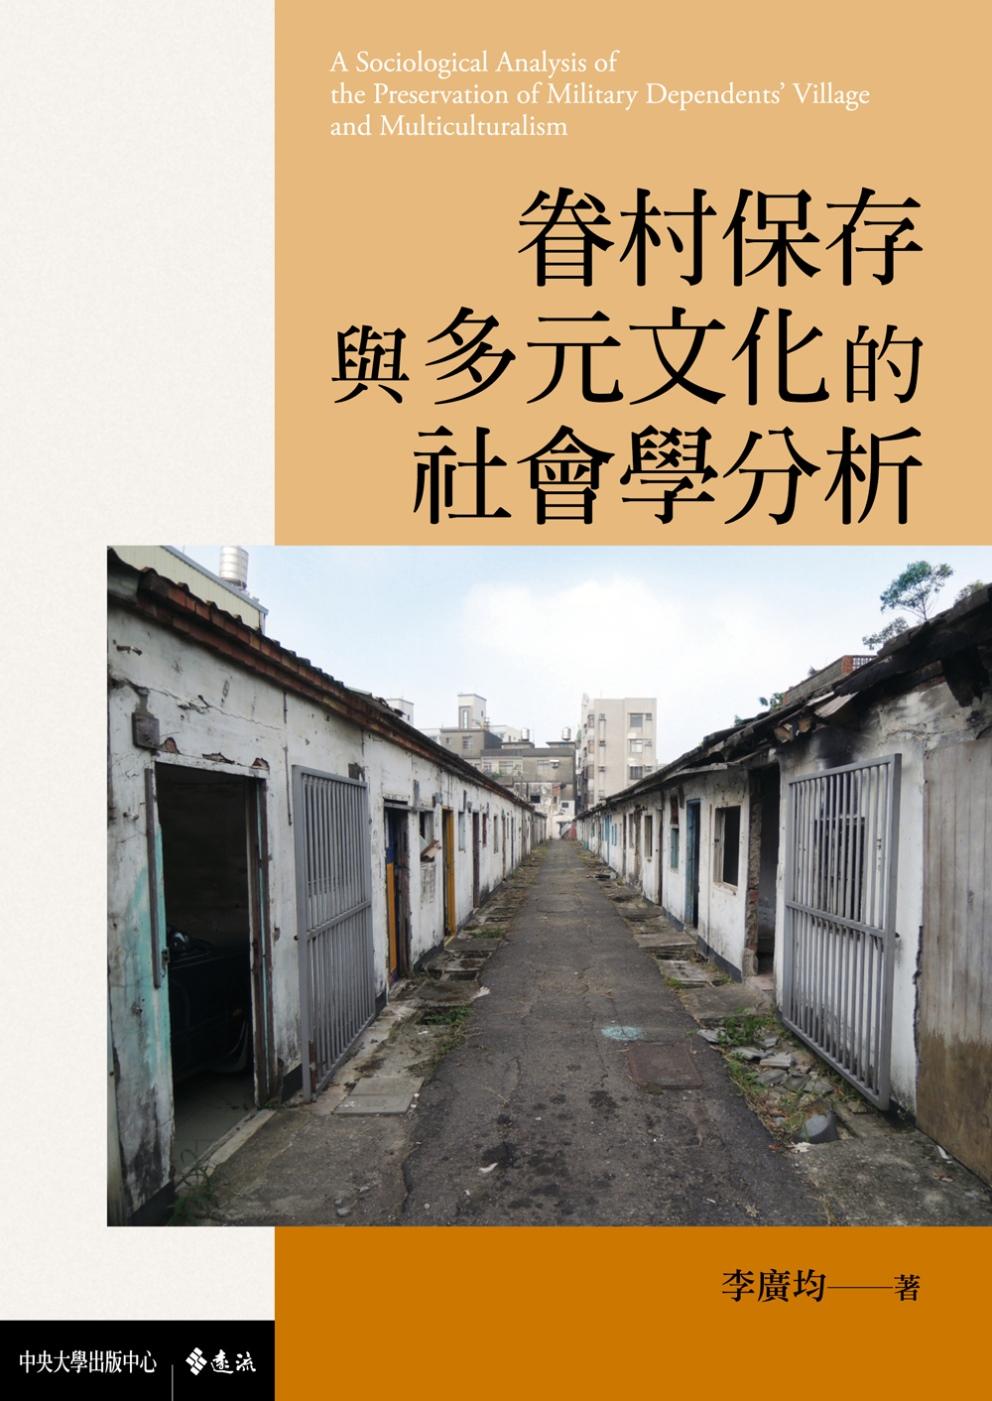 眷村保存與多元文化的社會學分析